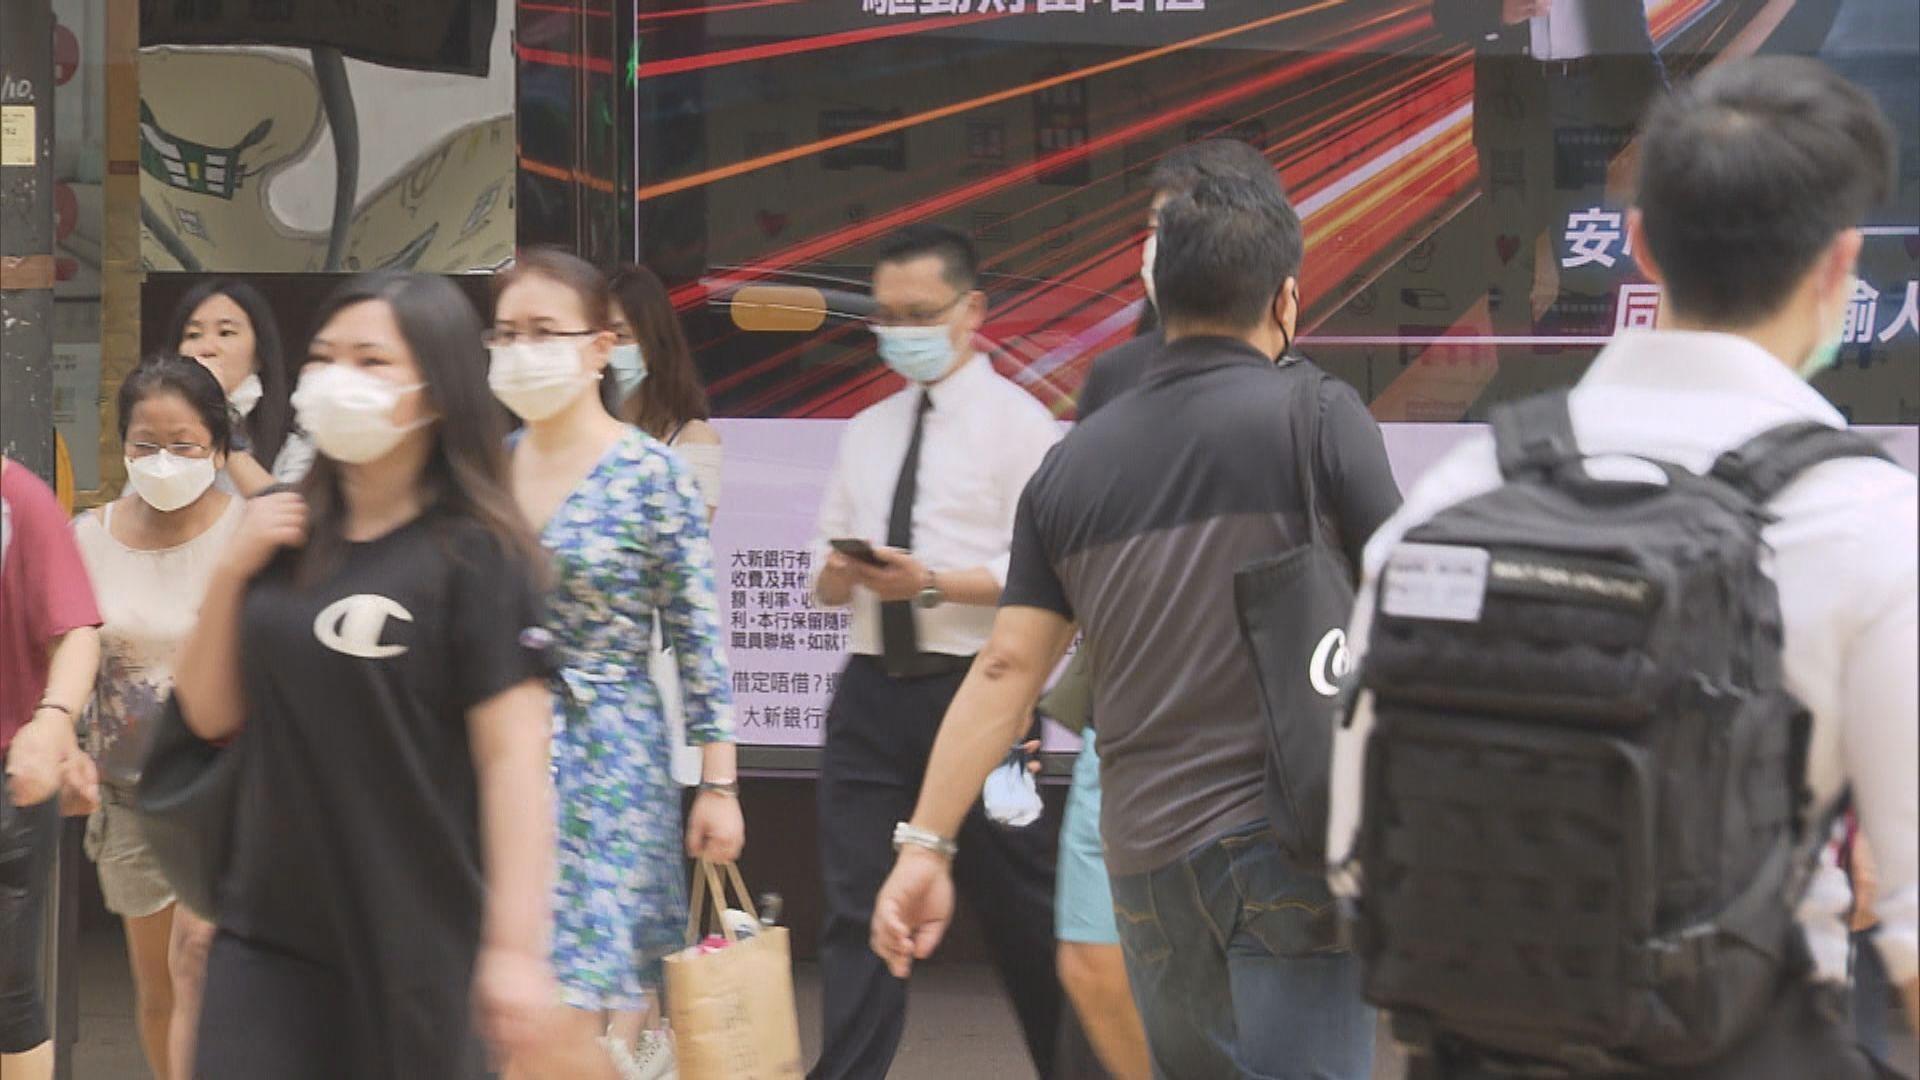 【抗疫半年結】本港出現第三波疫情 近半確診個案源頭不明